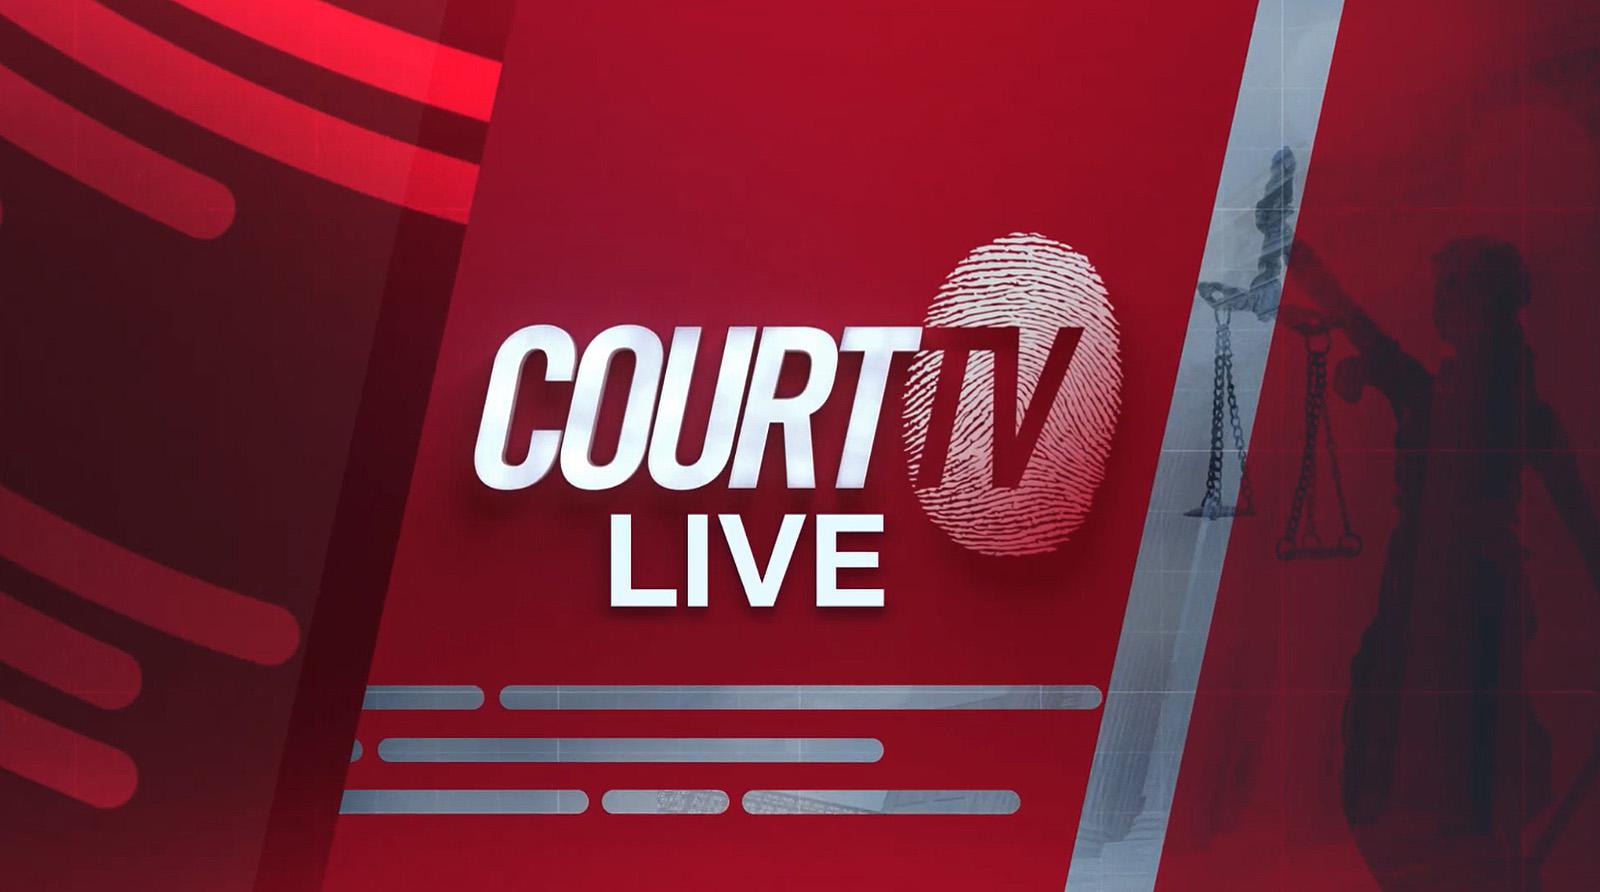 NCS_Court-TV-Branding-Motion-Design_004